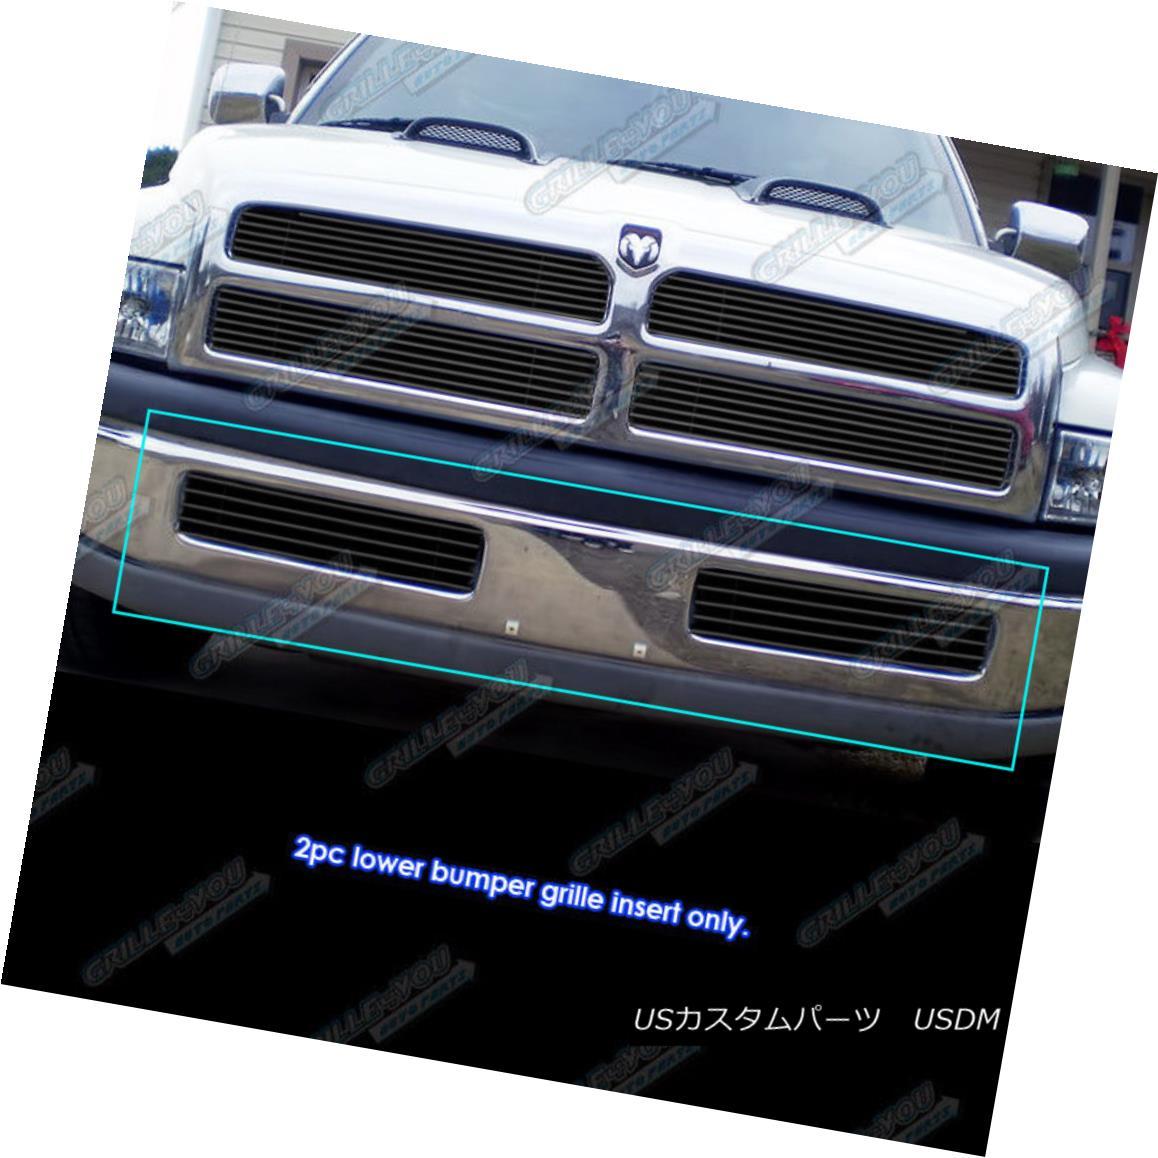 グリル Fits 1994-2001 Dodge Ram Regular Model Bumper Black Billet Grille Grill Insert フィット1994年から2001年ダッジラムレギュラーモデルバンパーブラックビレットグリルグリルインサート